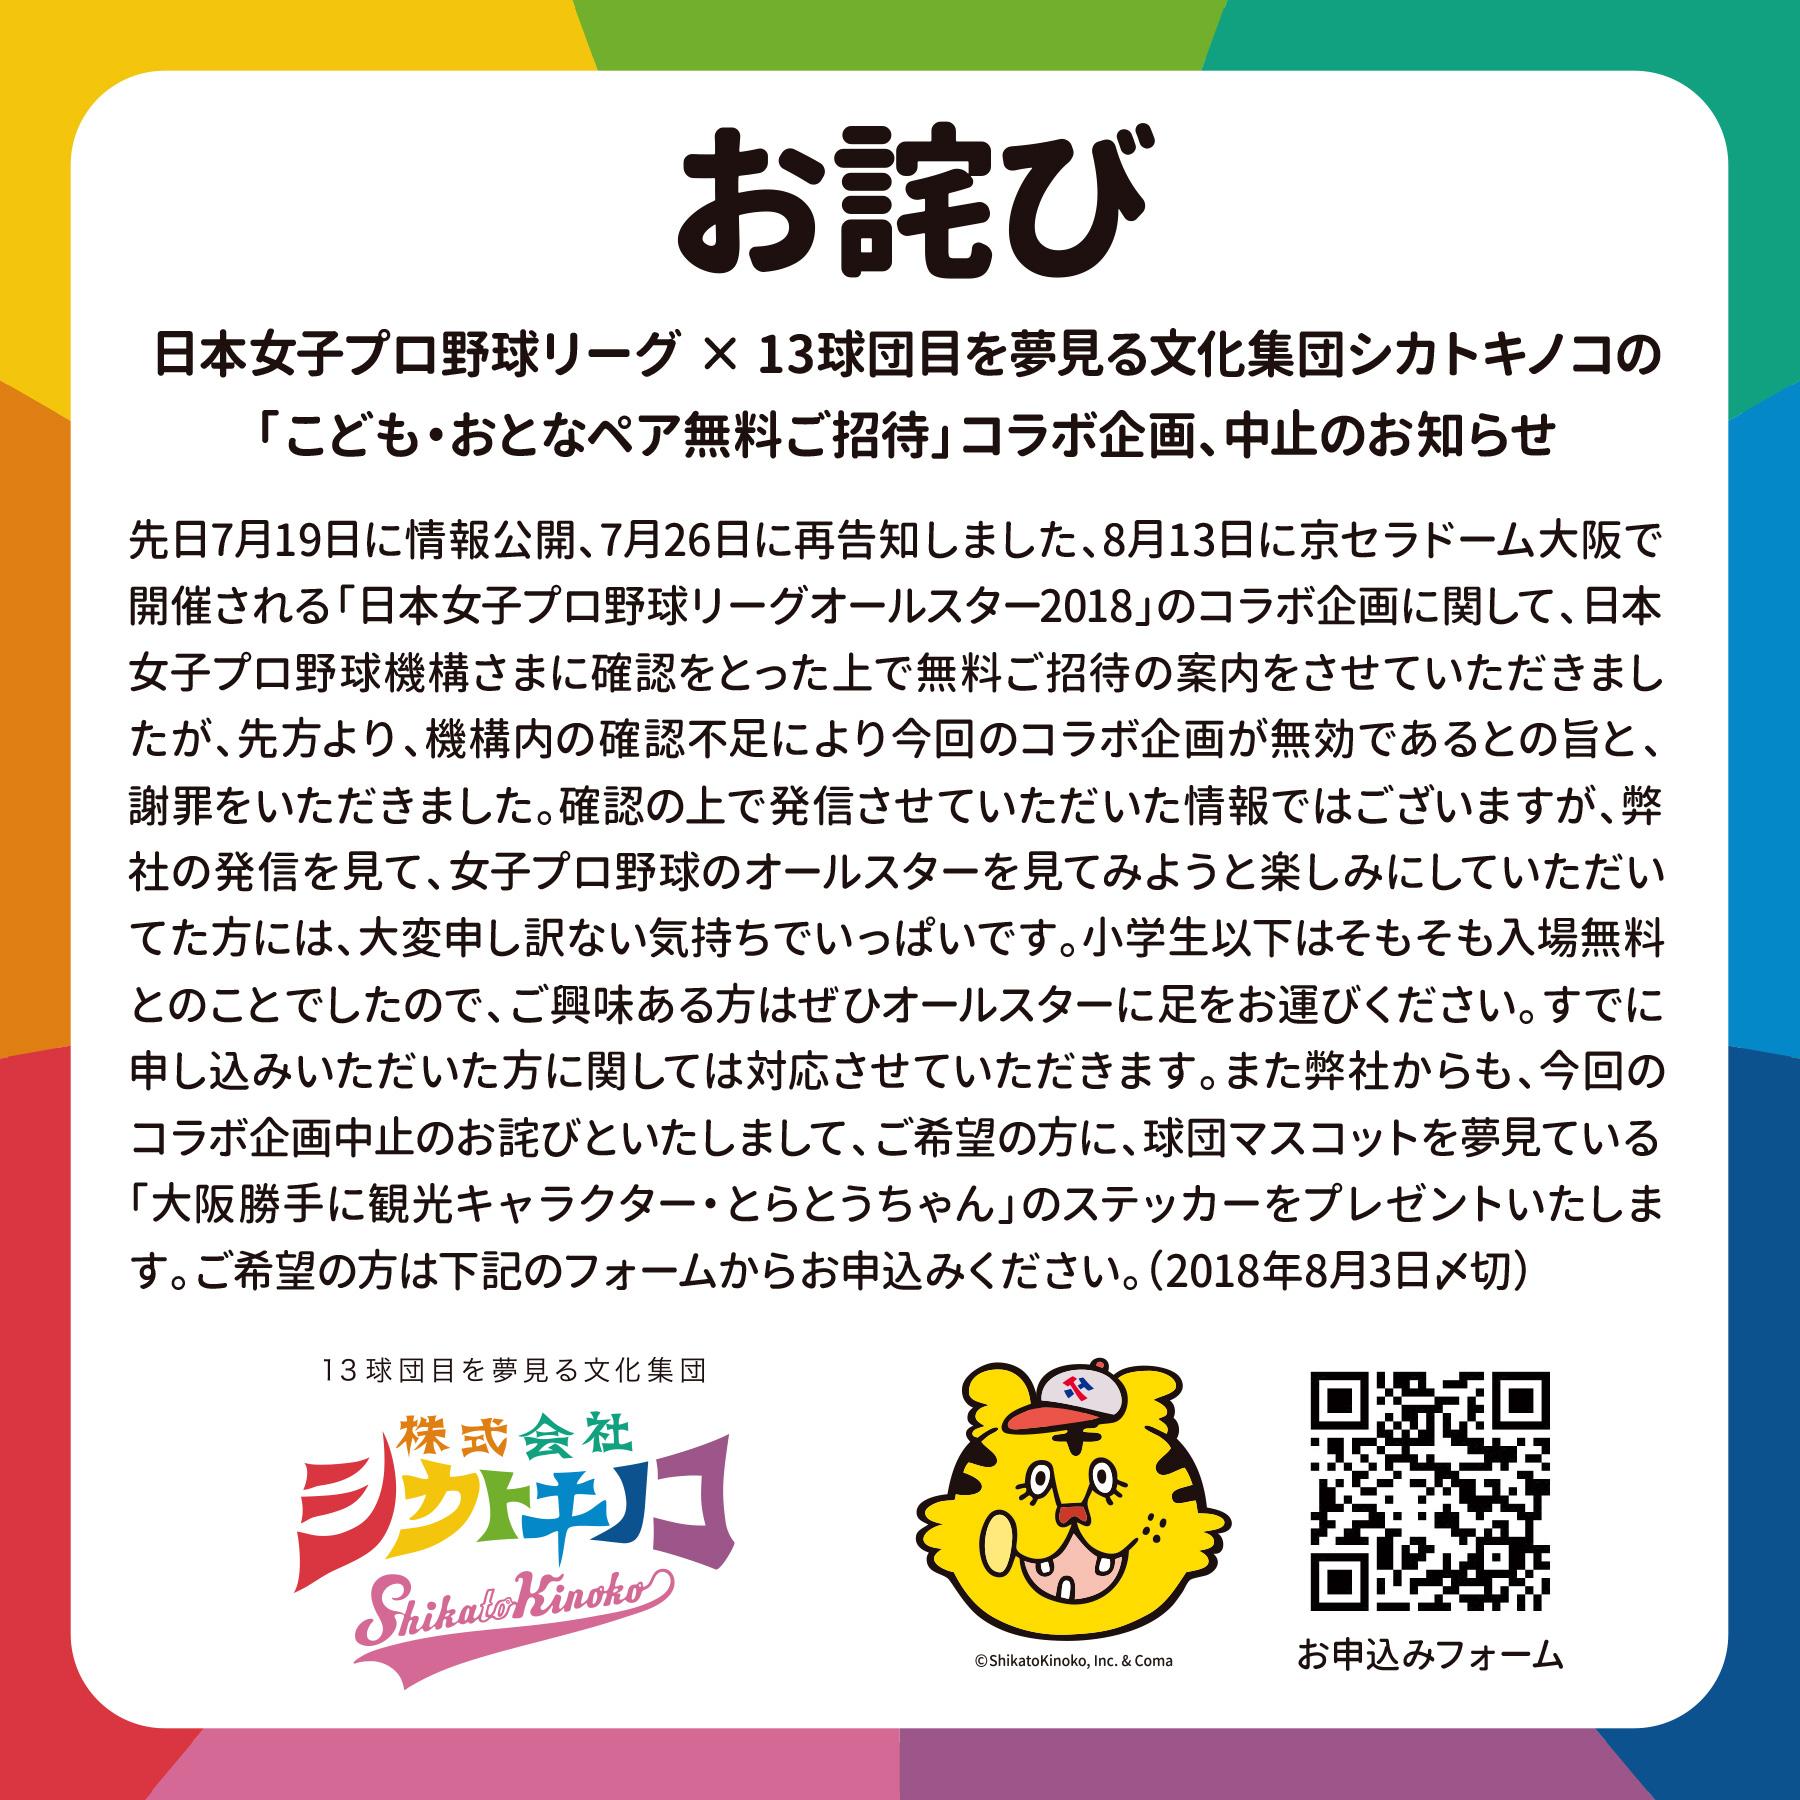 (女子プロ野球リーグとのコラボ企画中止のお知らせ)